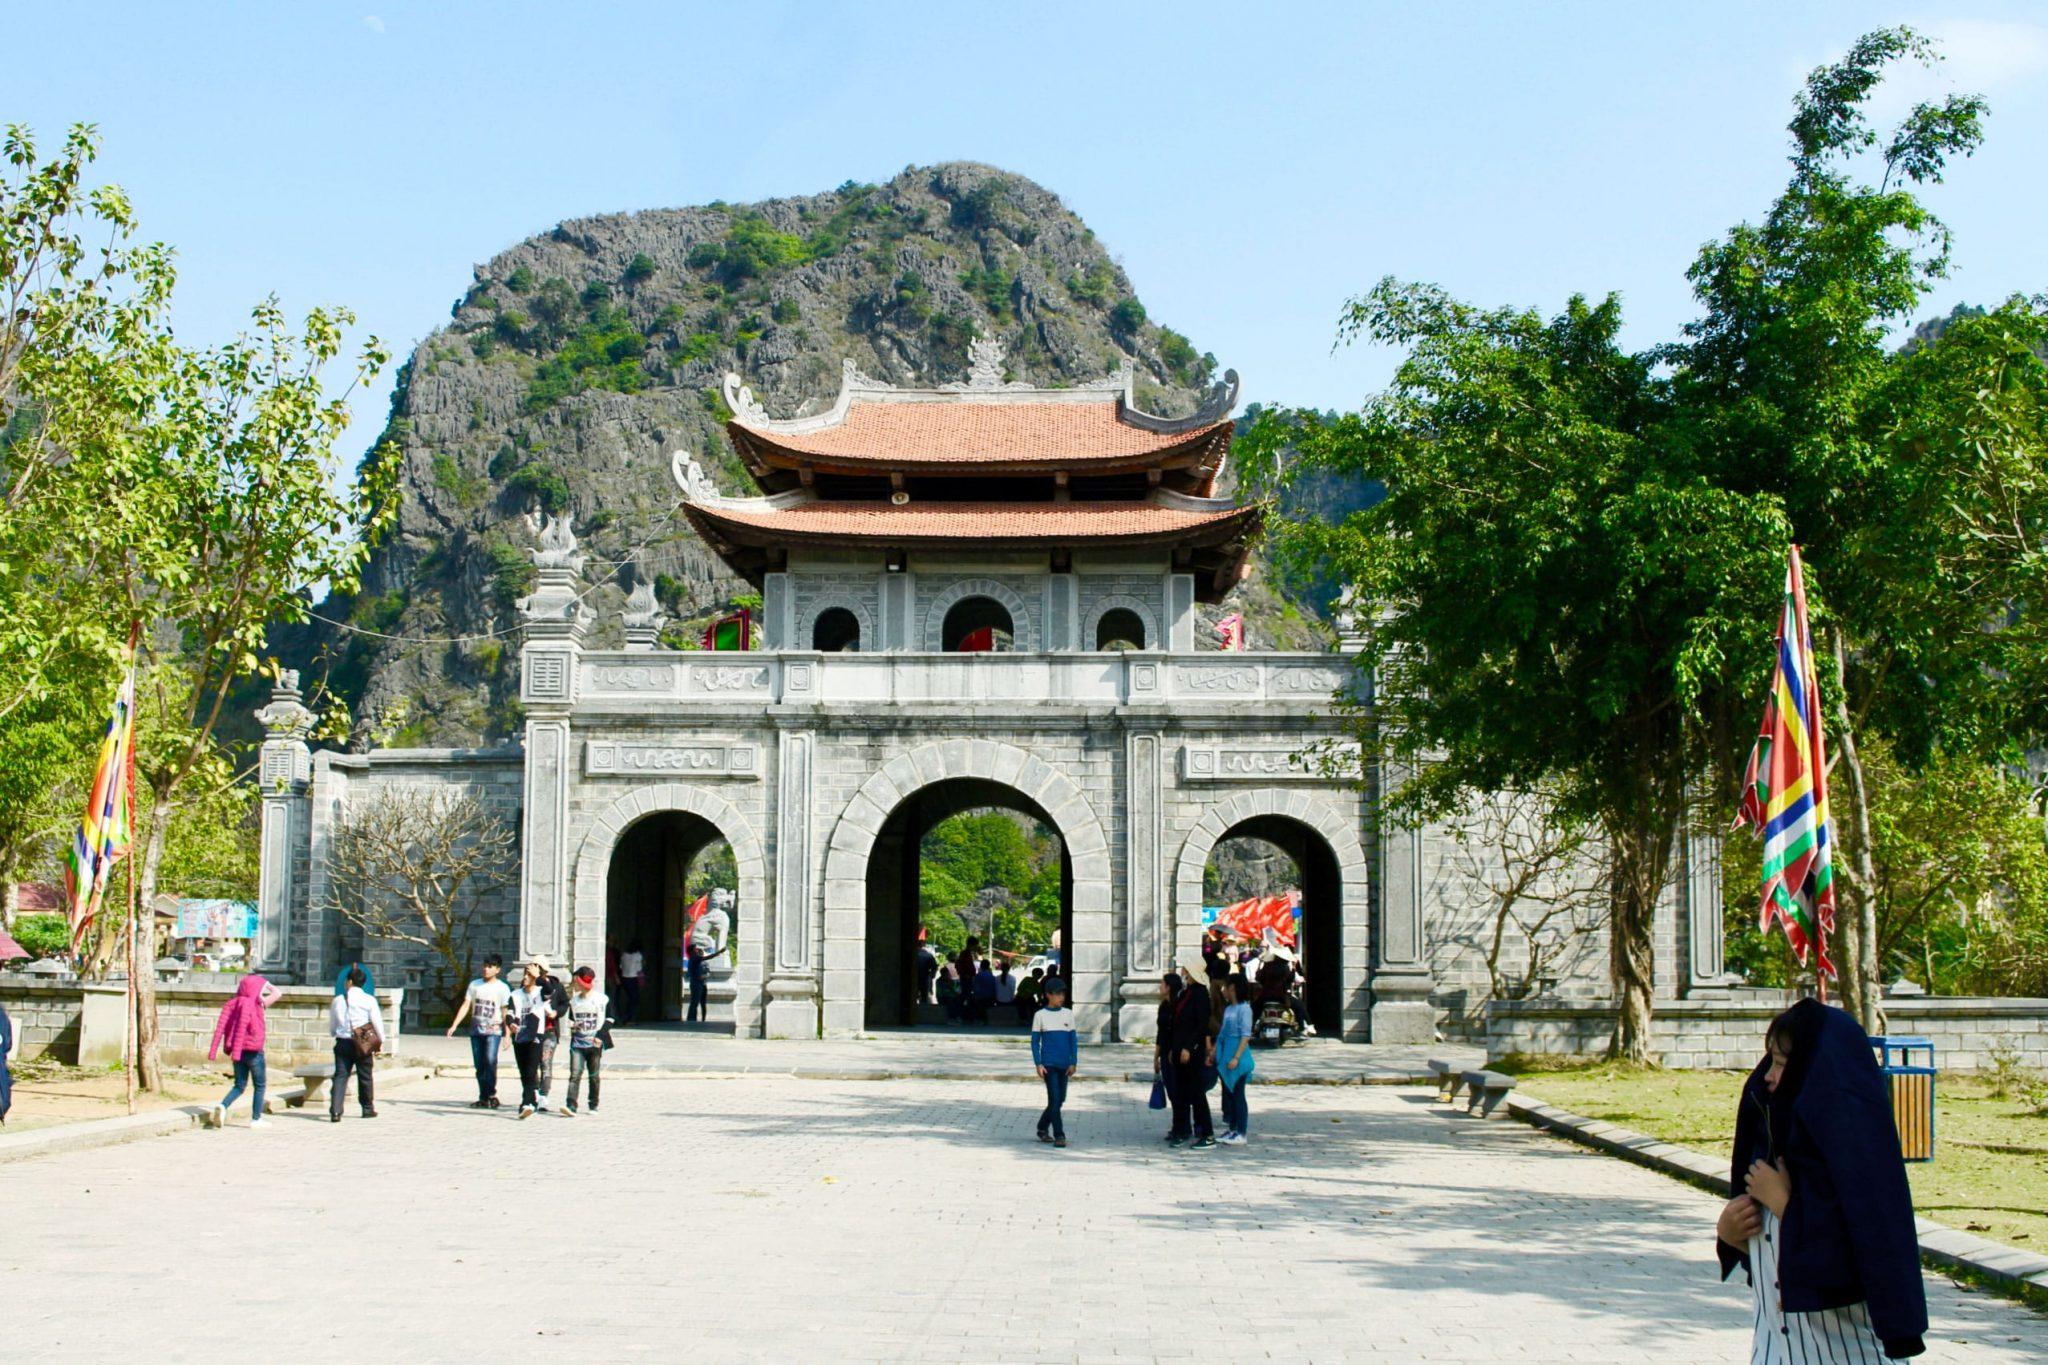 du lịch Ninh BÌnh ghé thăm cố đô Hoa Lư